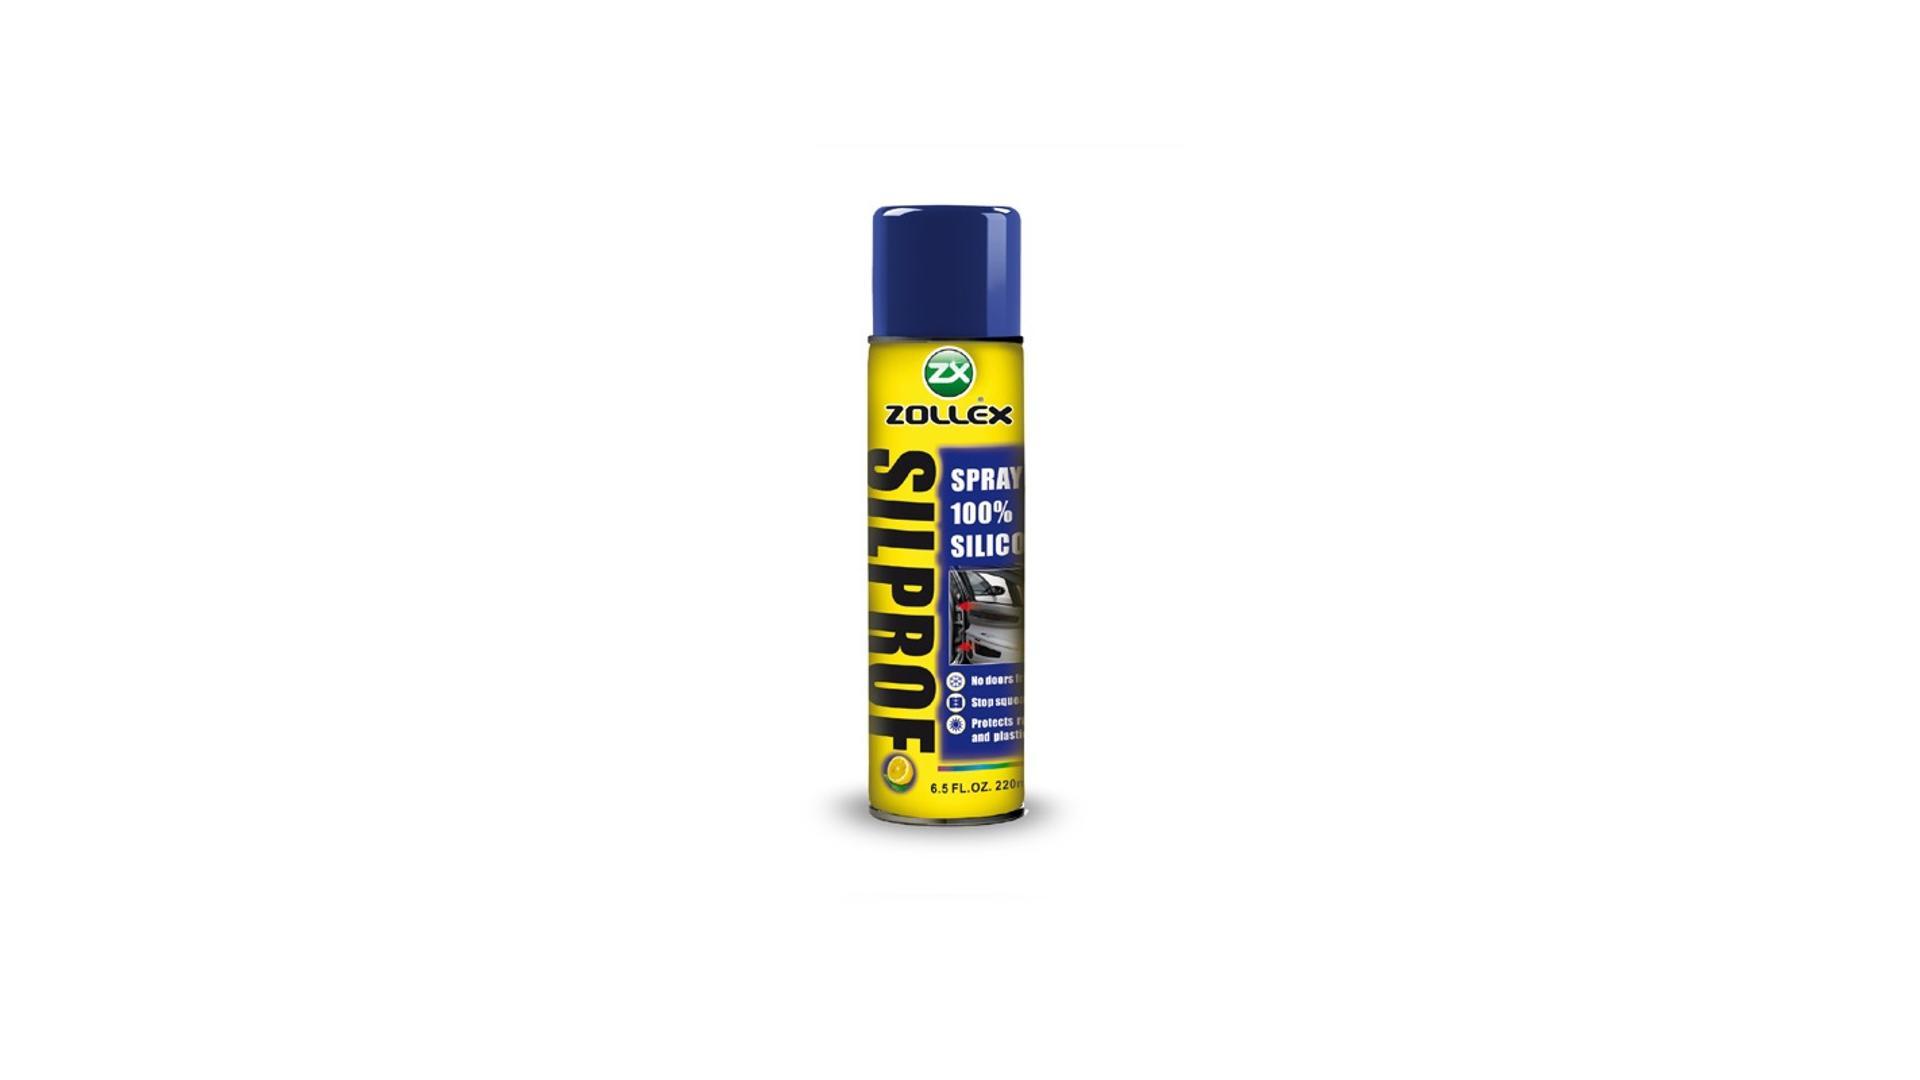 ZOLLEX Silprof 100% silikónový sprej 220 ml (B-100Z)